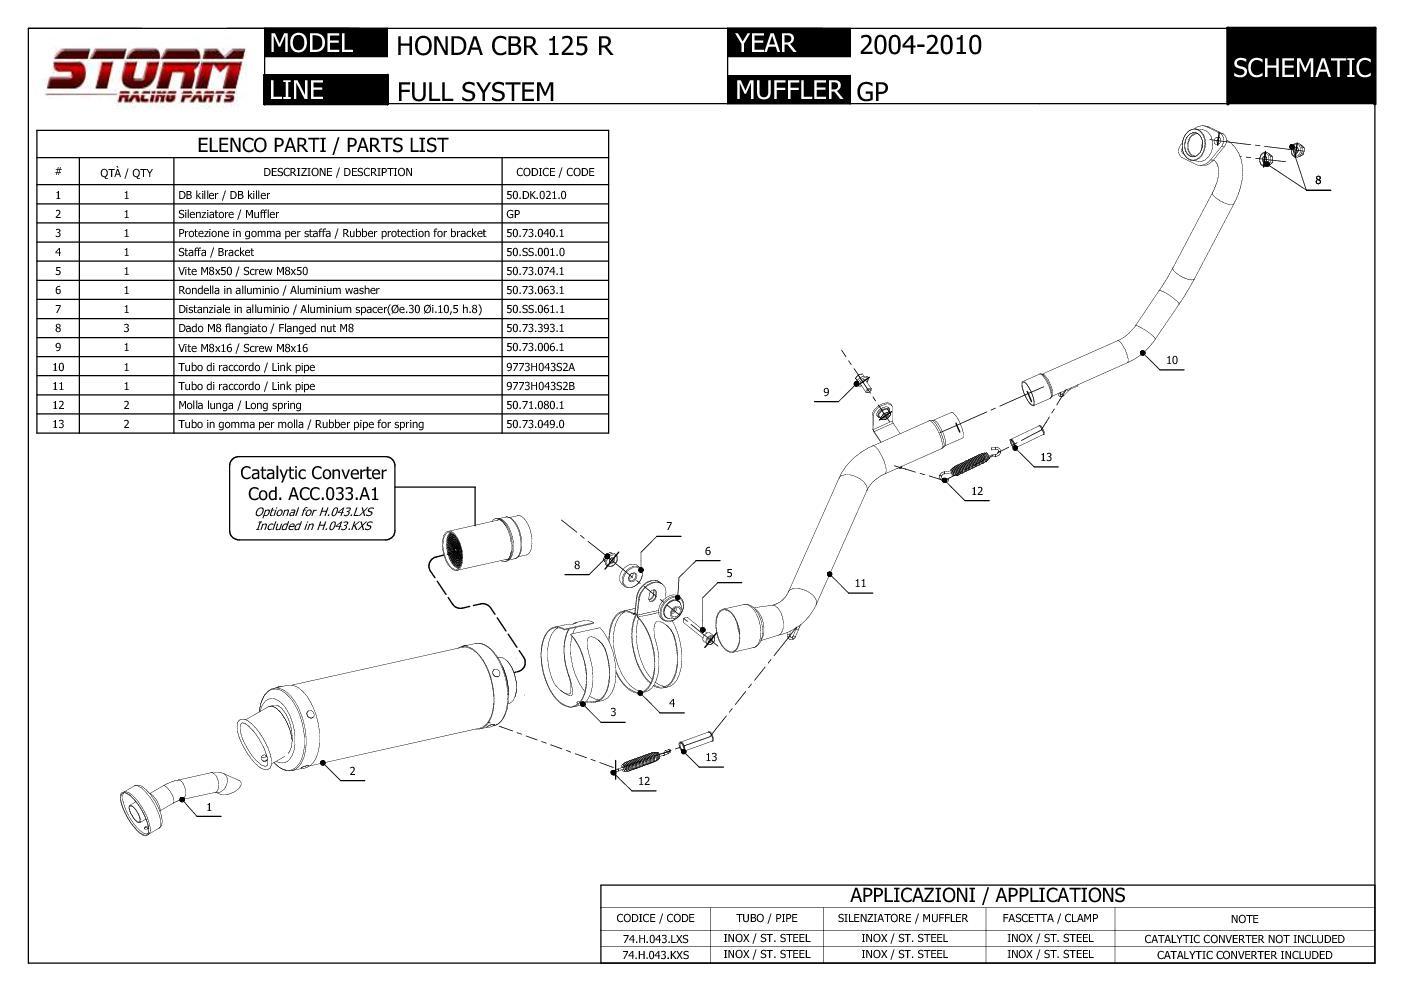 74.H.043.LXSB Full System Storm by Mivv Muffler Gp Nero Steel for Honda Cbr 125 R 2004 > 2010